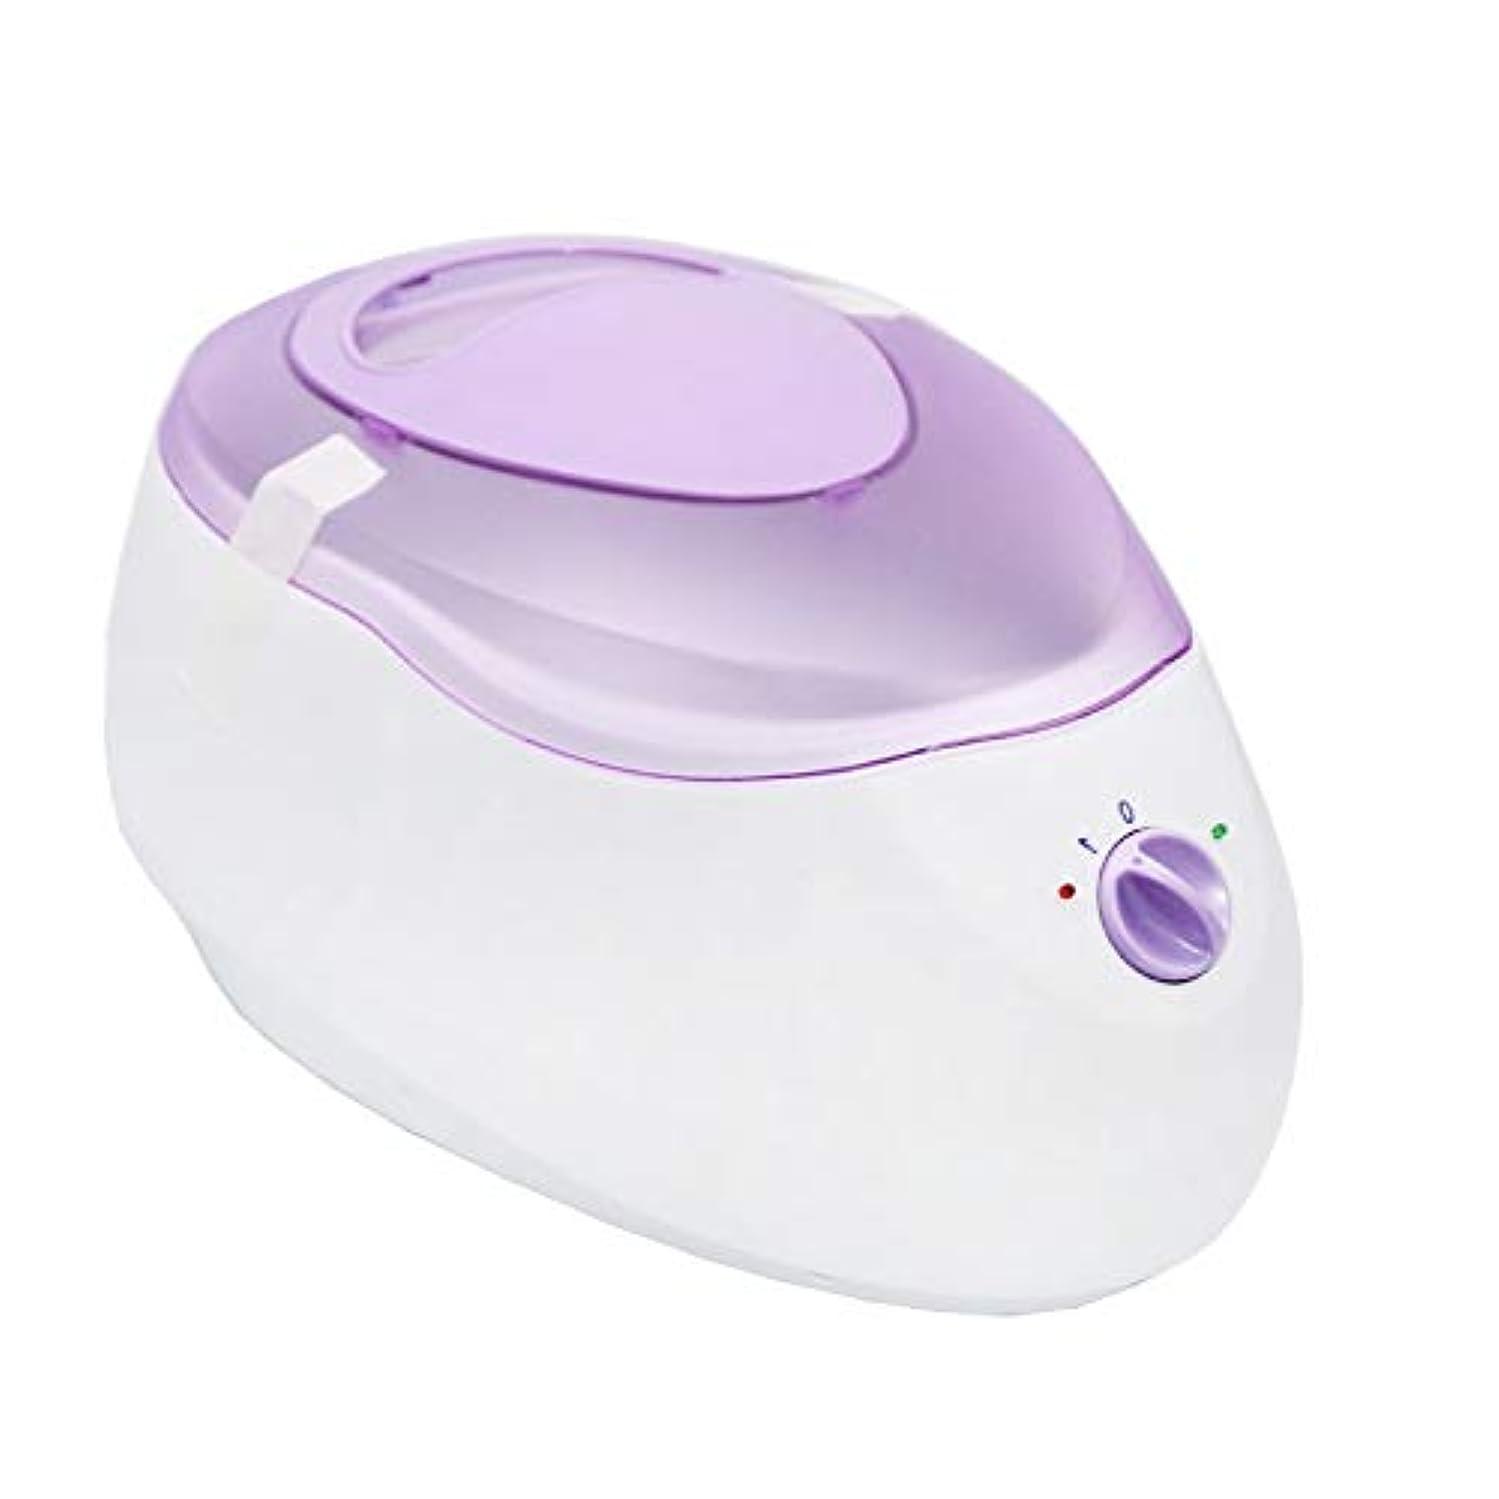 人口次へ兄弟愛すべてのワックスタイプのための専門の電気ワックスヒーター、ワックスメルター可変温度とウォーマーと内蔵サーモ安全制御脱毛脱毛のために (Color : Purple)